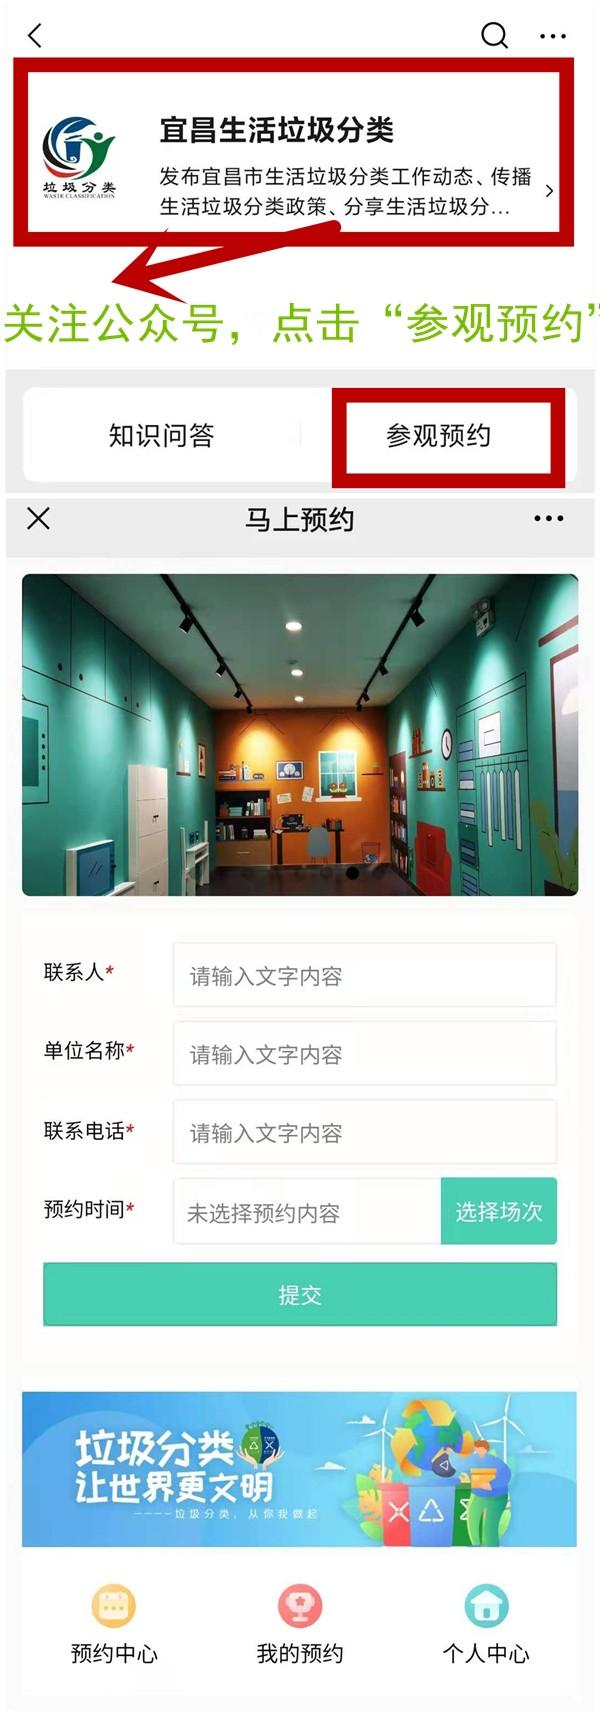 微信图片_20210323101140_副本.jpg